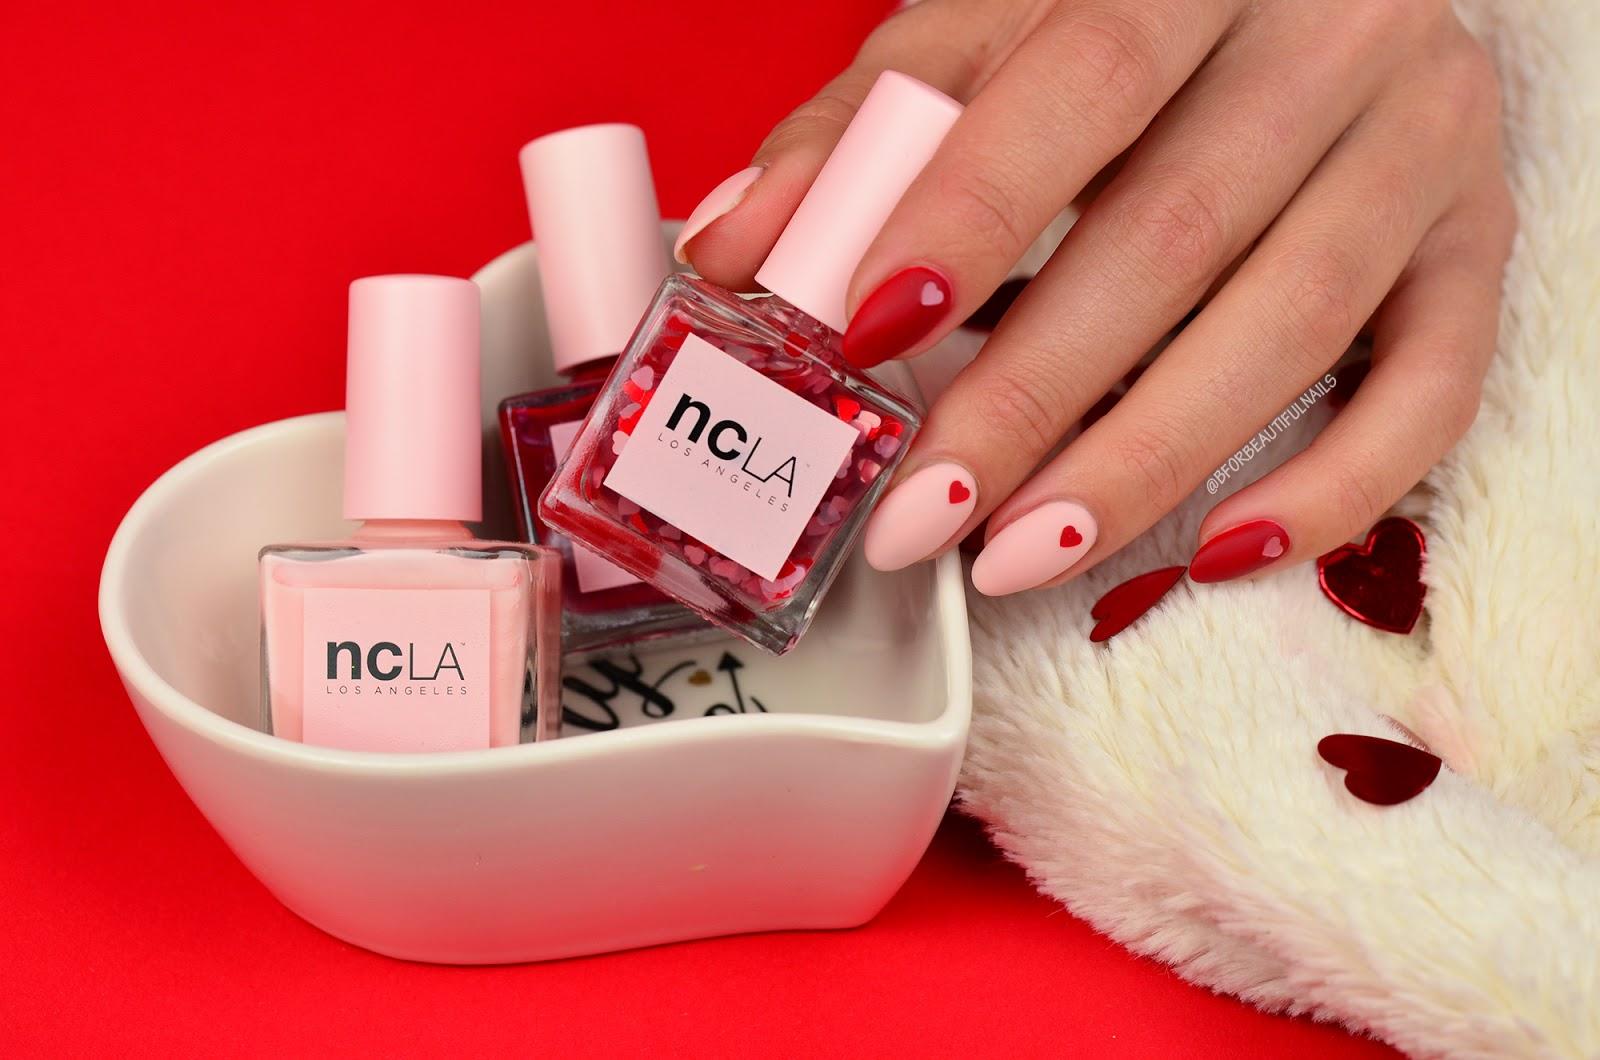 Zakochane Paznokcie Na Walentynki Z Ncla B For Beautiful Nails